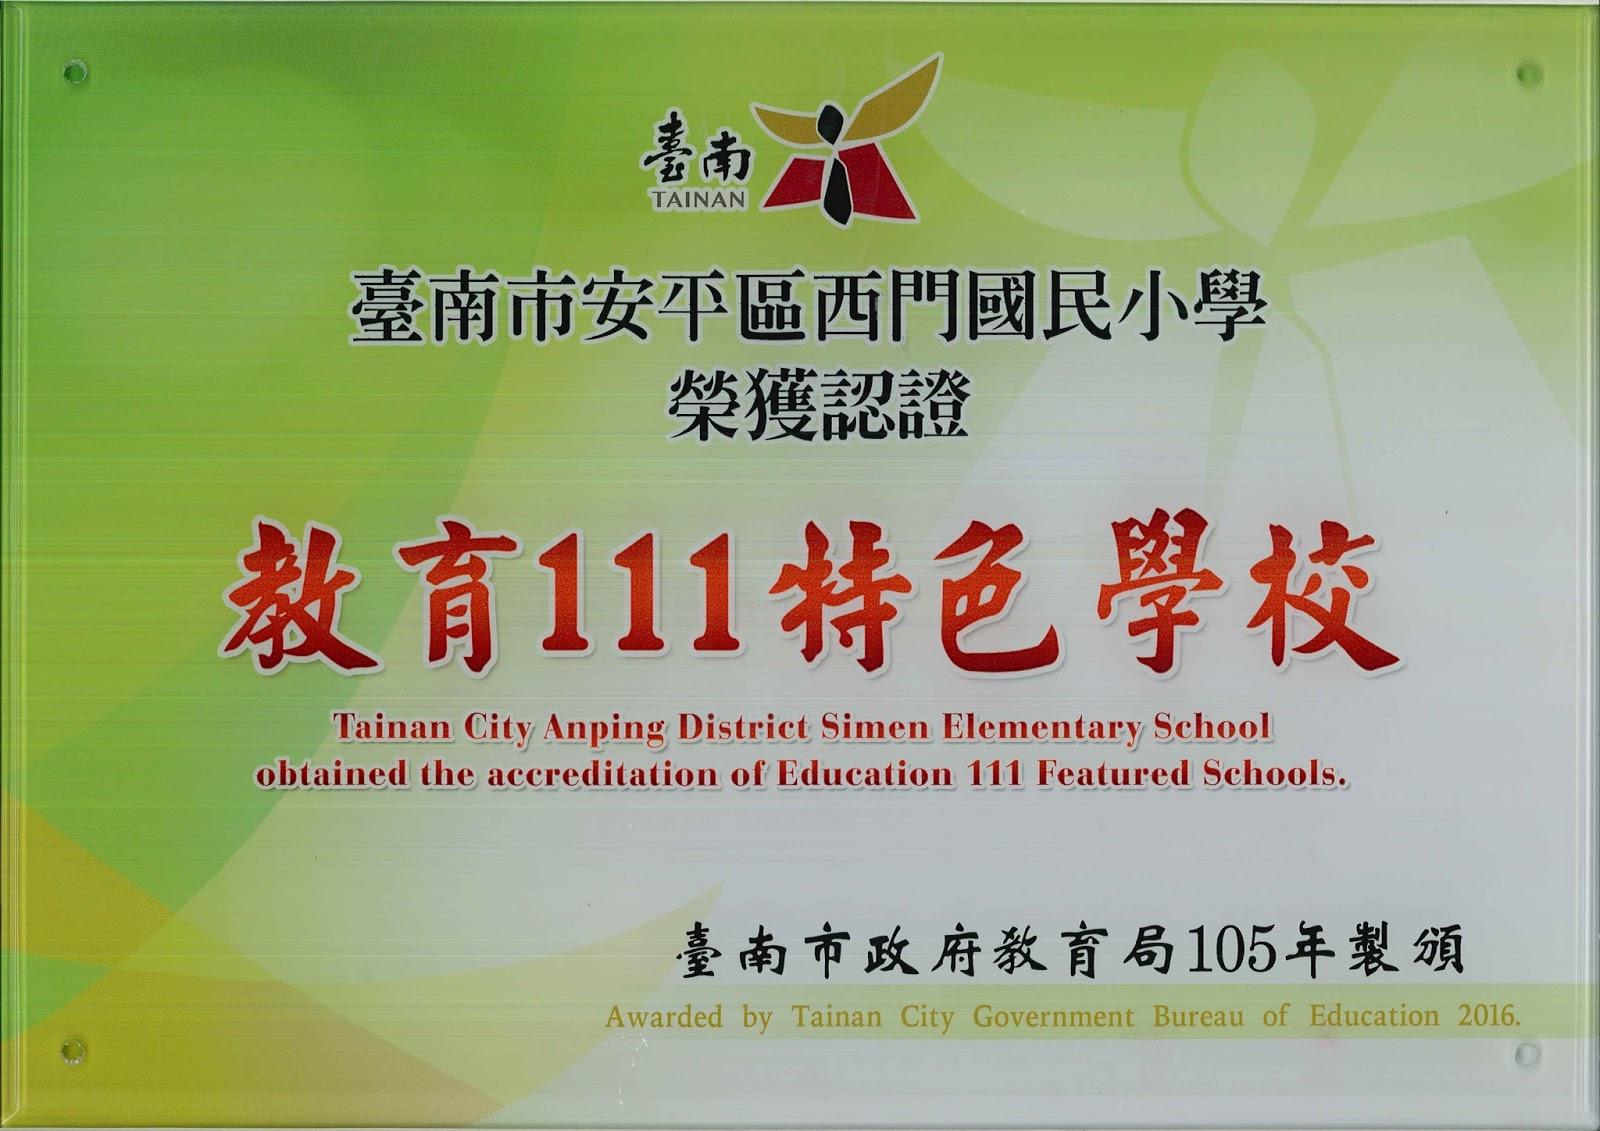 教育111特色學校